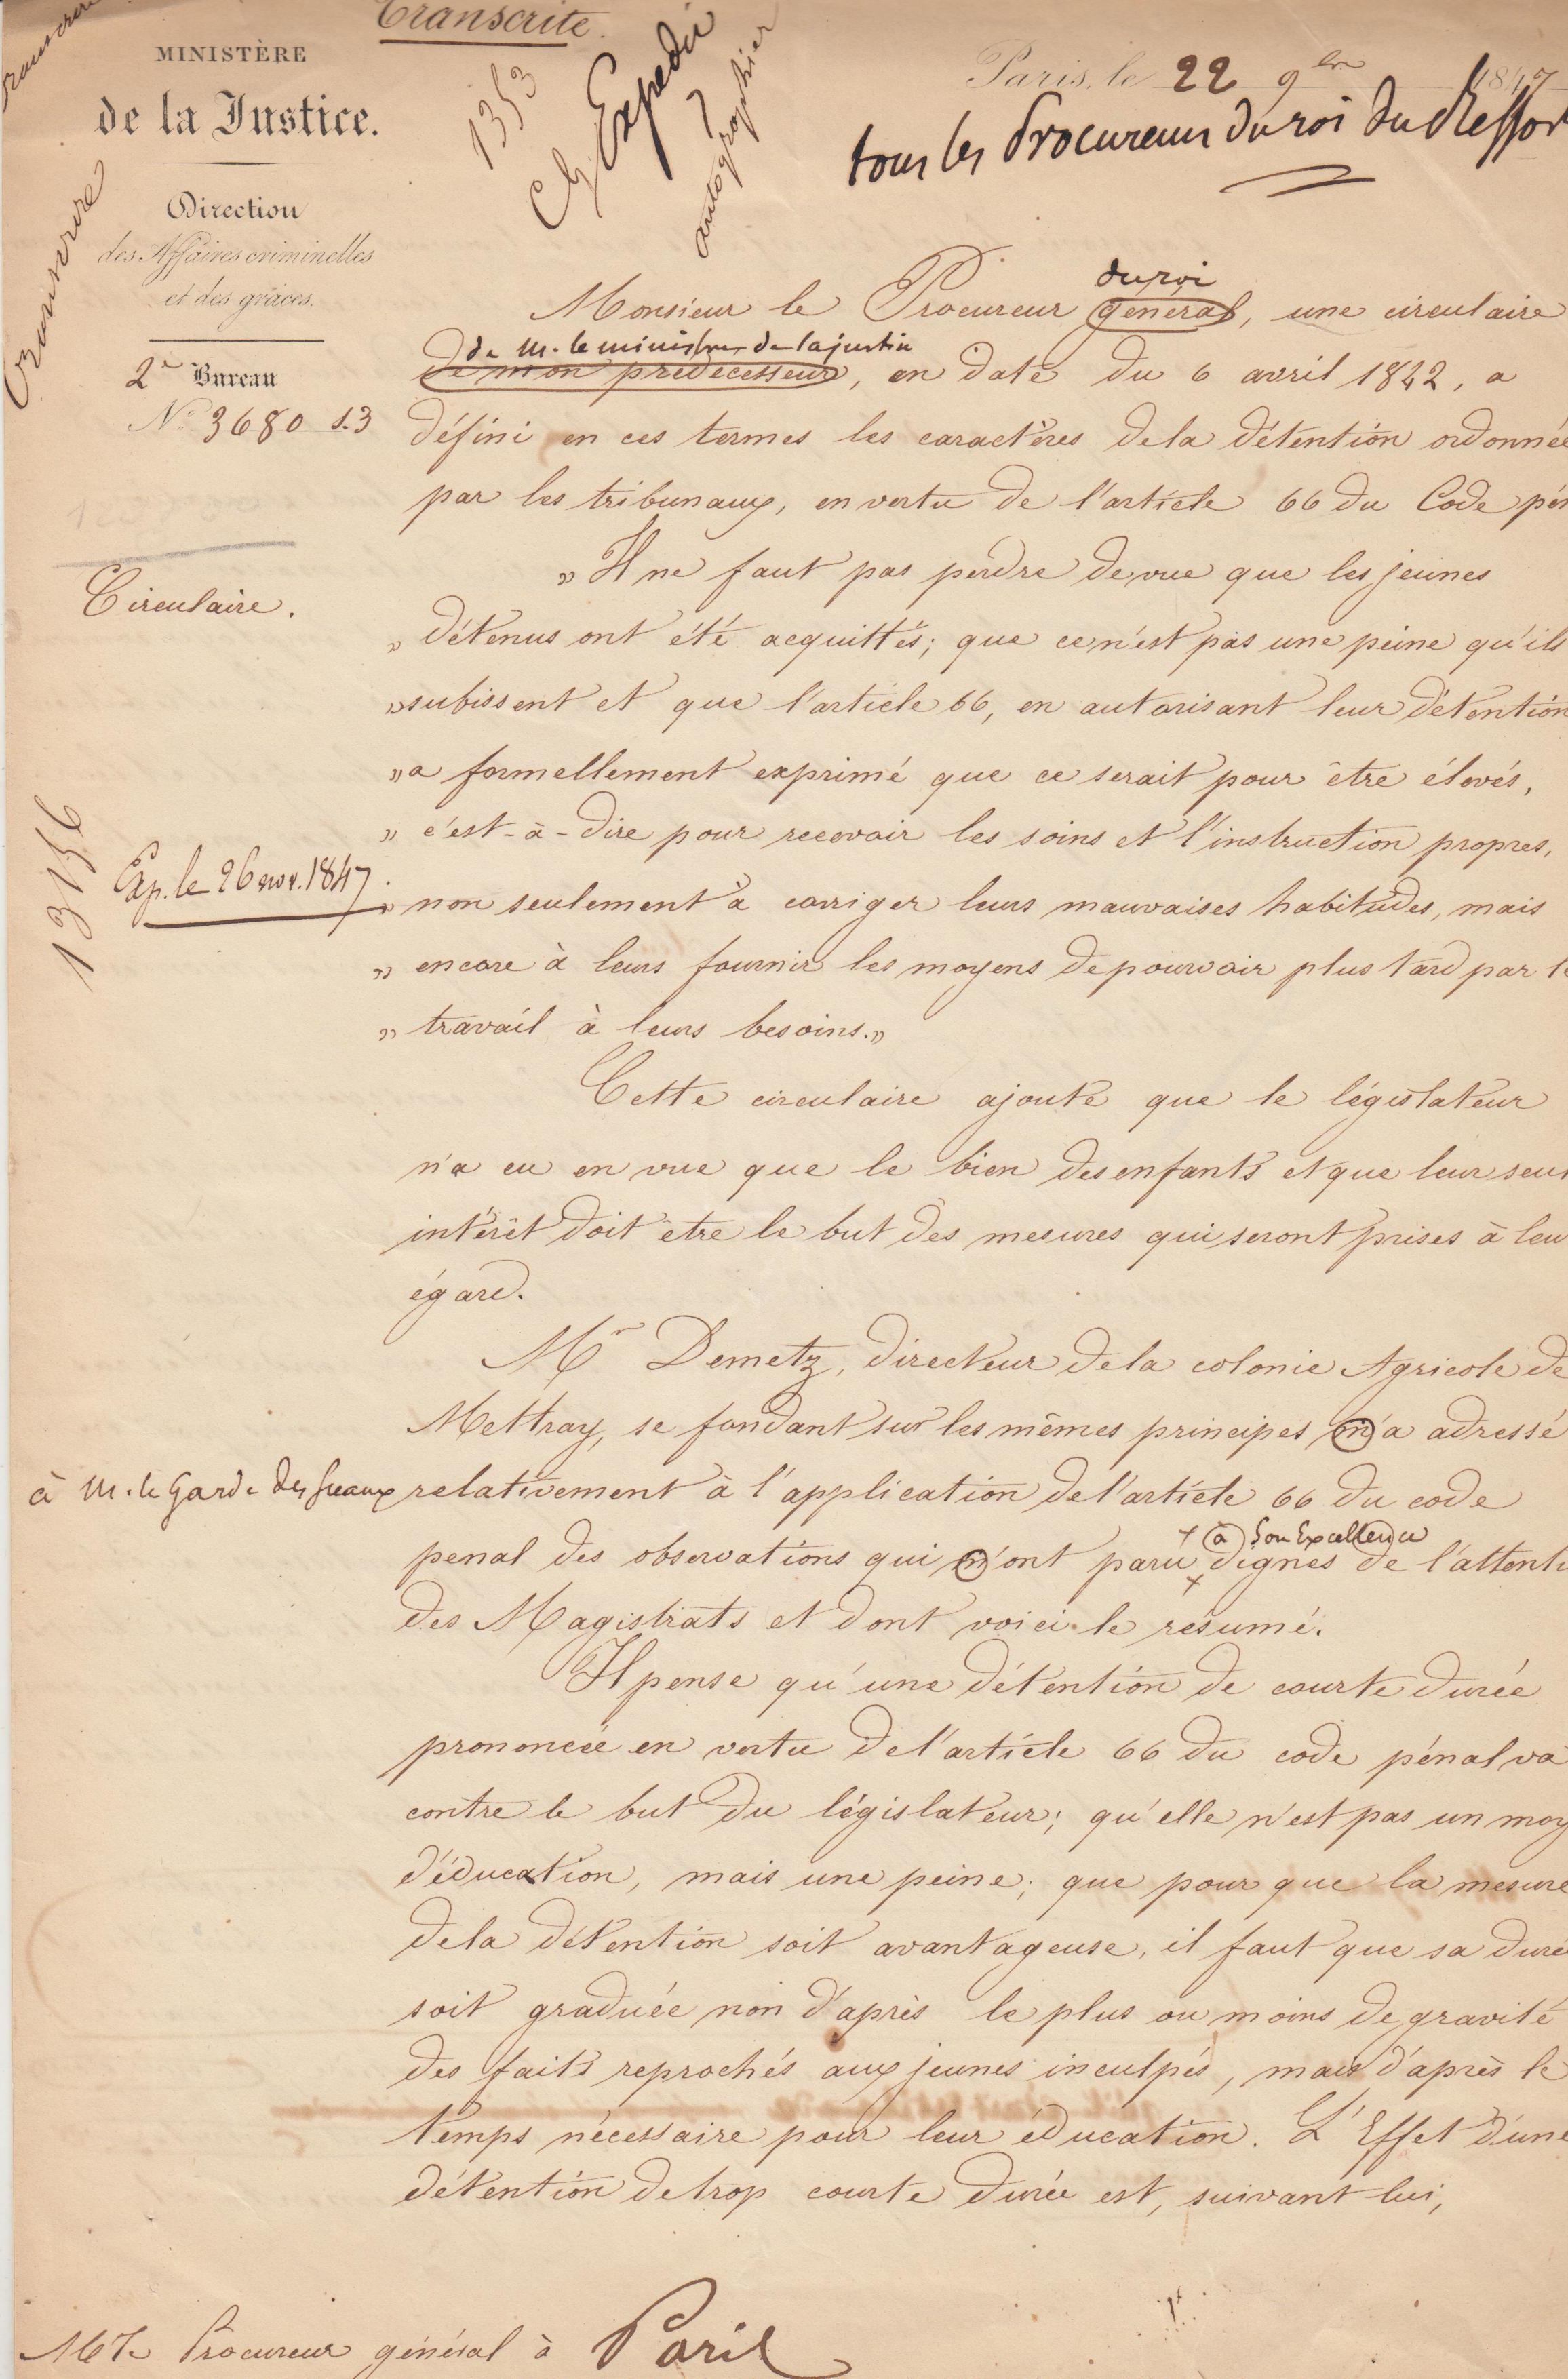 MANUSCRIT__Une_longue_lettre_manuscrite_in_folio_trois_pages_datée_de_1847_de_Hebert_un_ami_et_soutien_de_FA_Demetz_fondateur_de_la_colonie_pénit